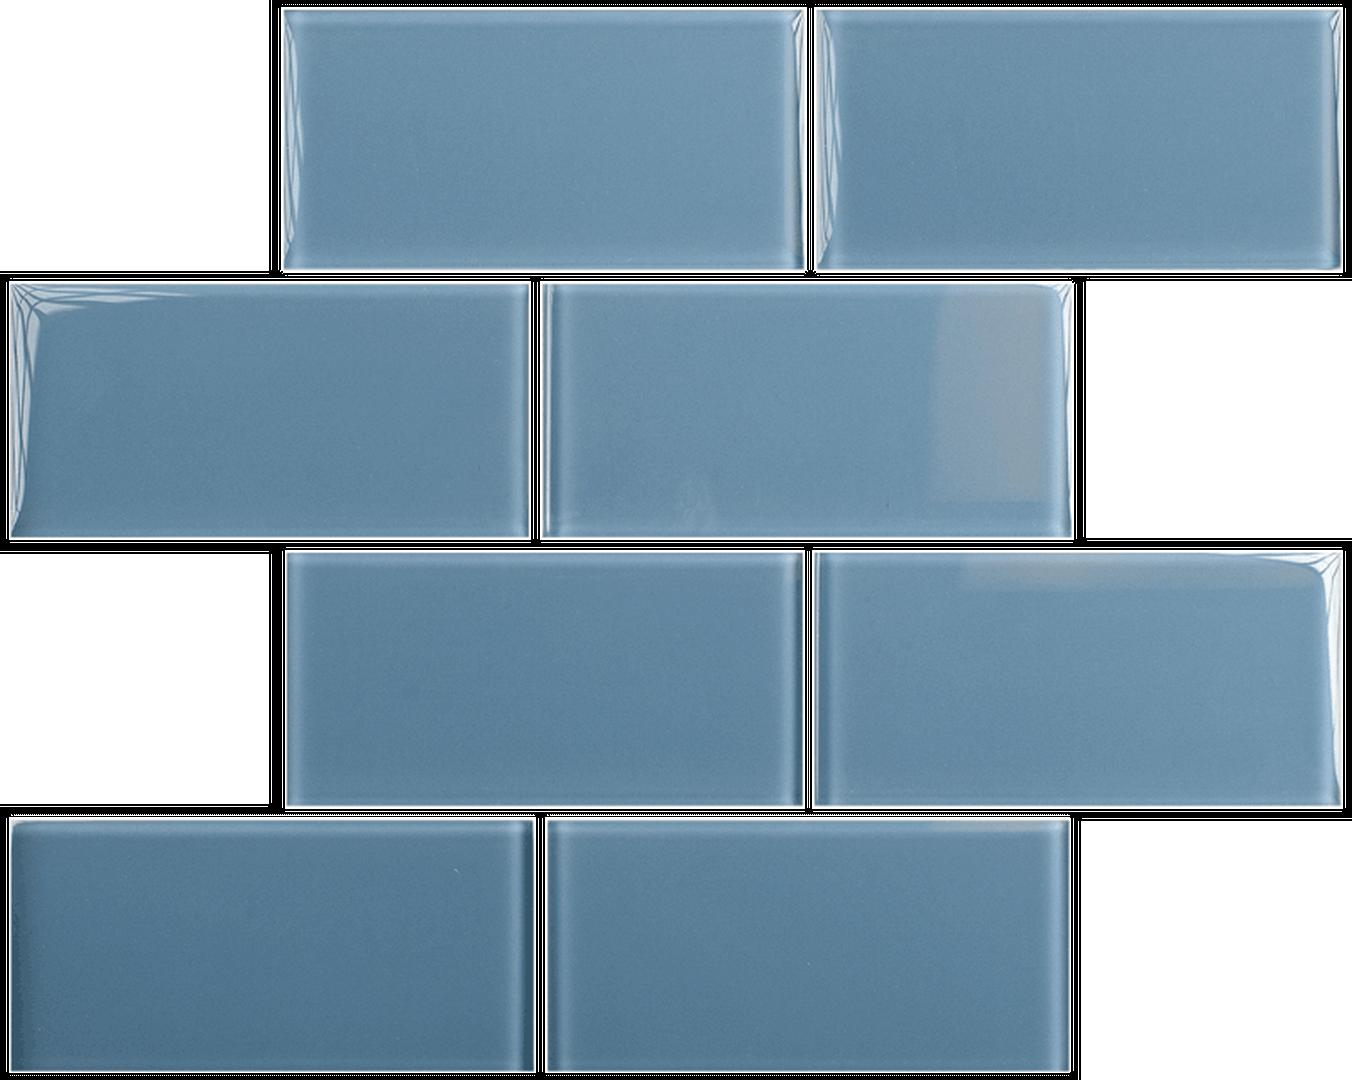 Crystal 3 x 6 Subway Tiles Downpour